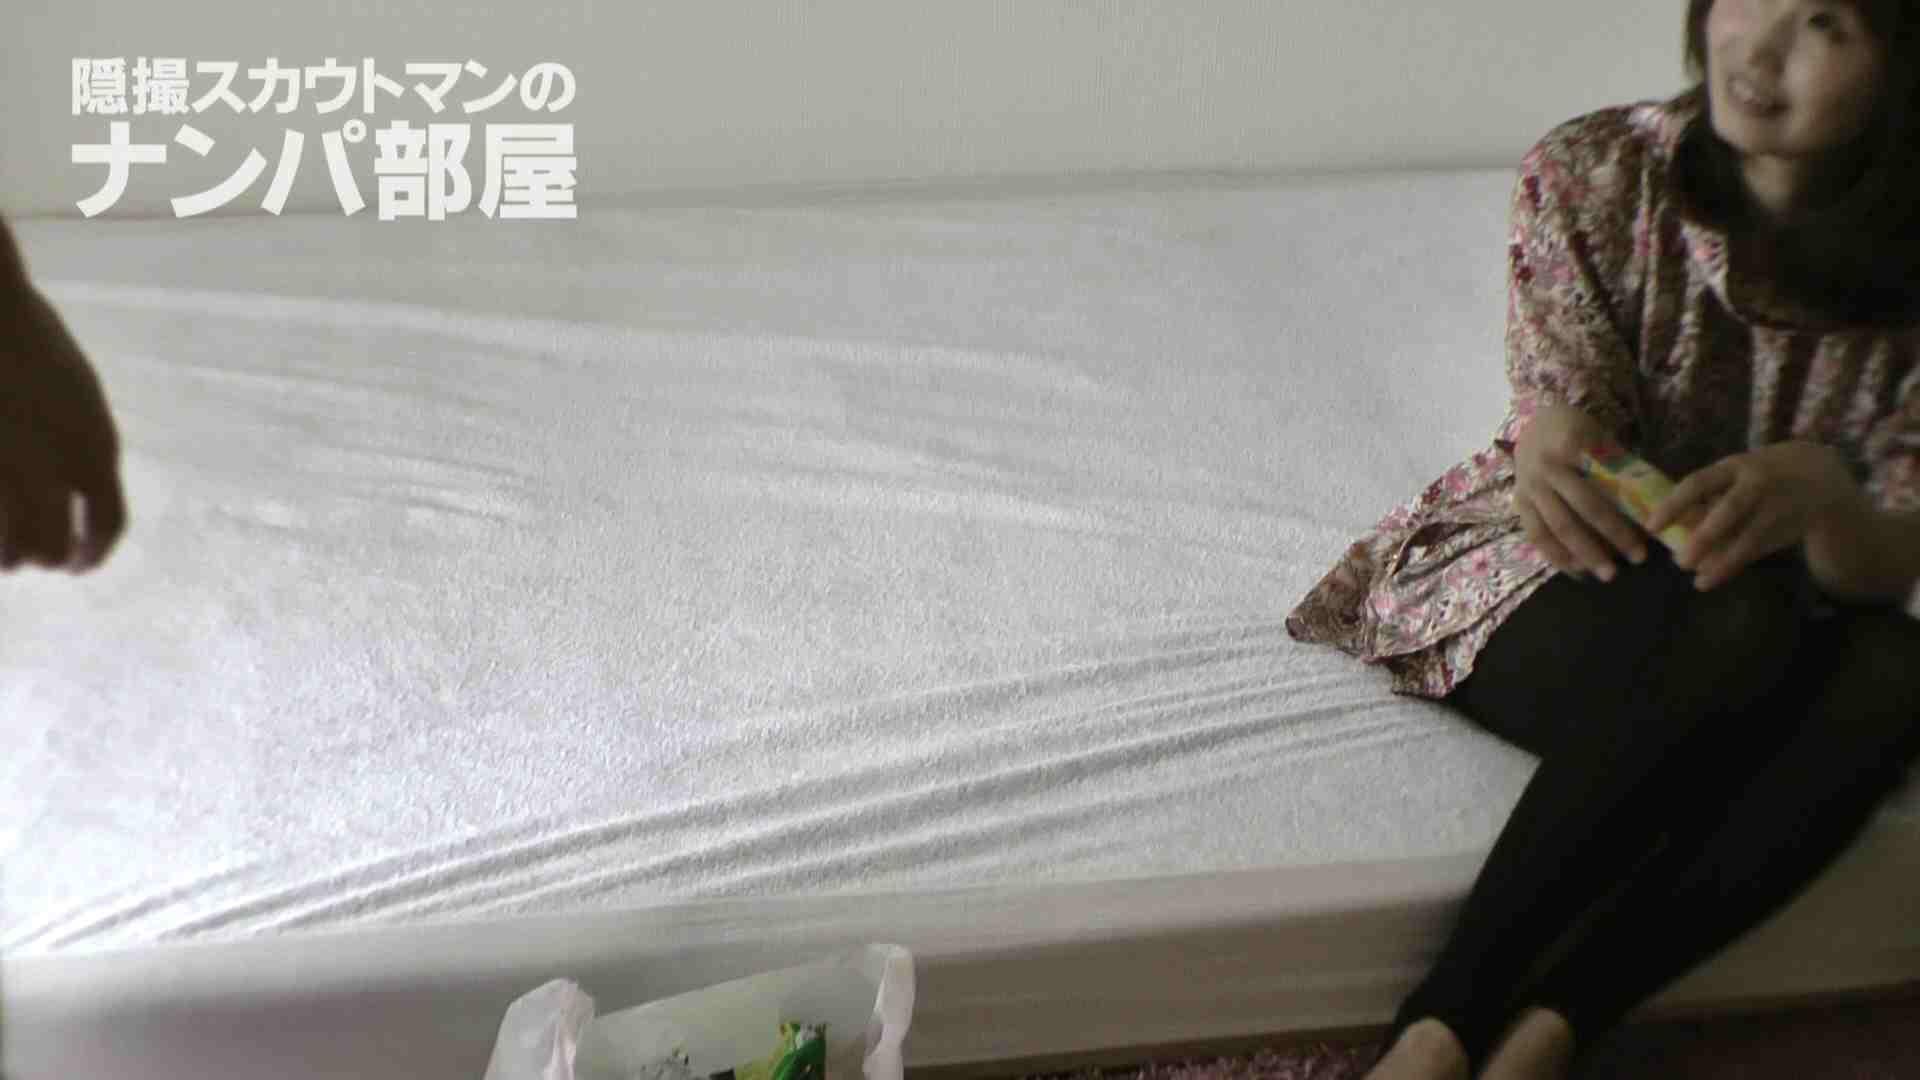 隠撮スカウトマンのナンパ部屋~風俗デビュー前のつまみ食い~ sii 脱衣所 | ナンパ  100連発 4